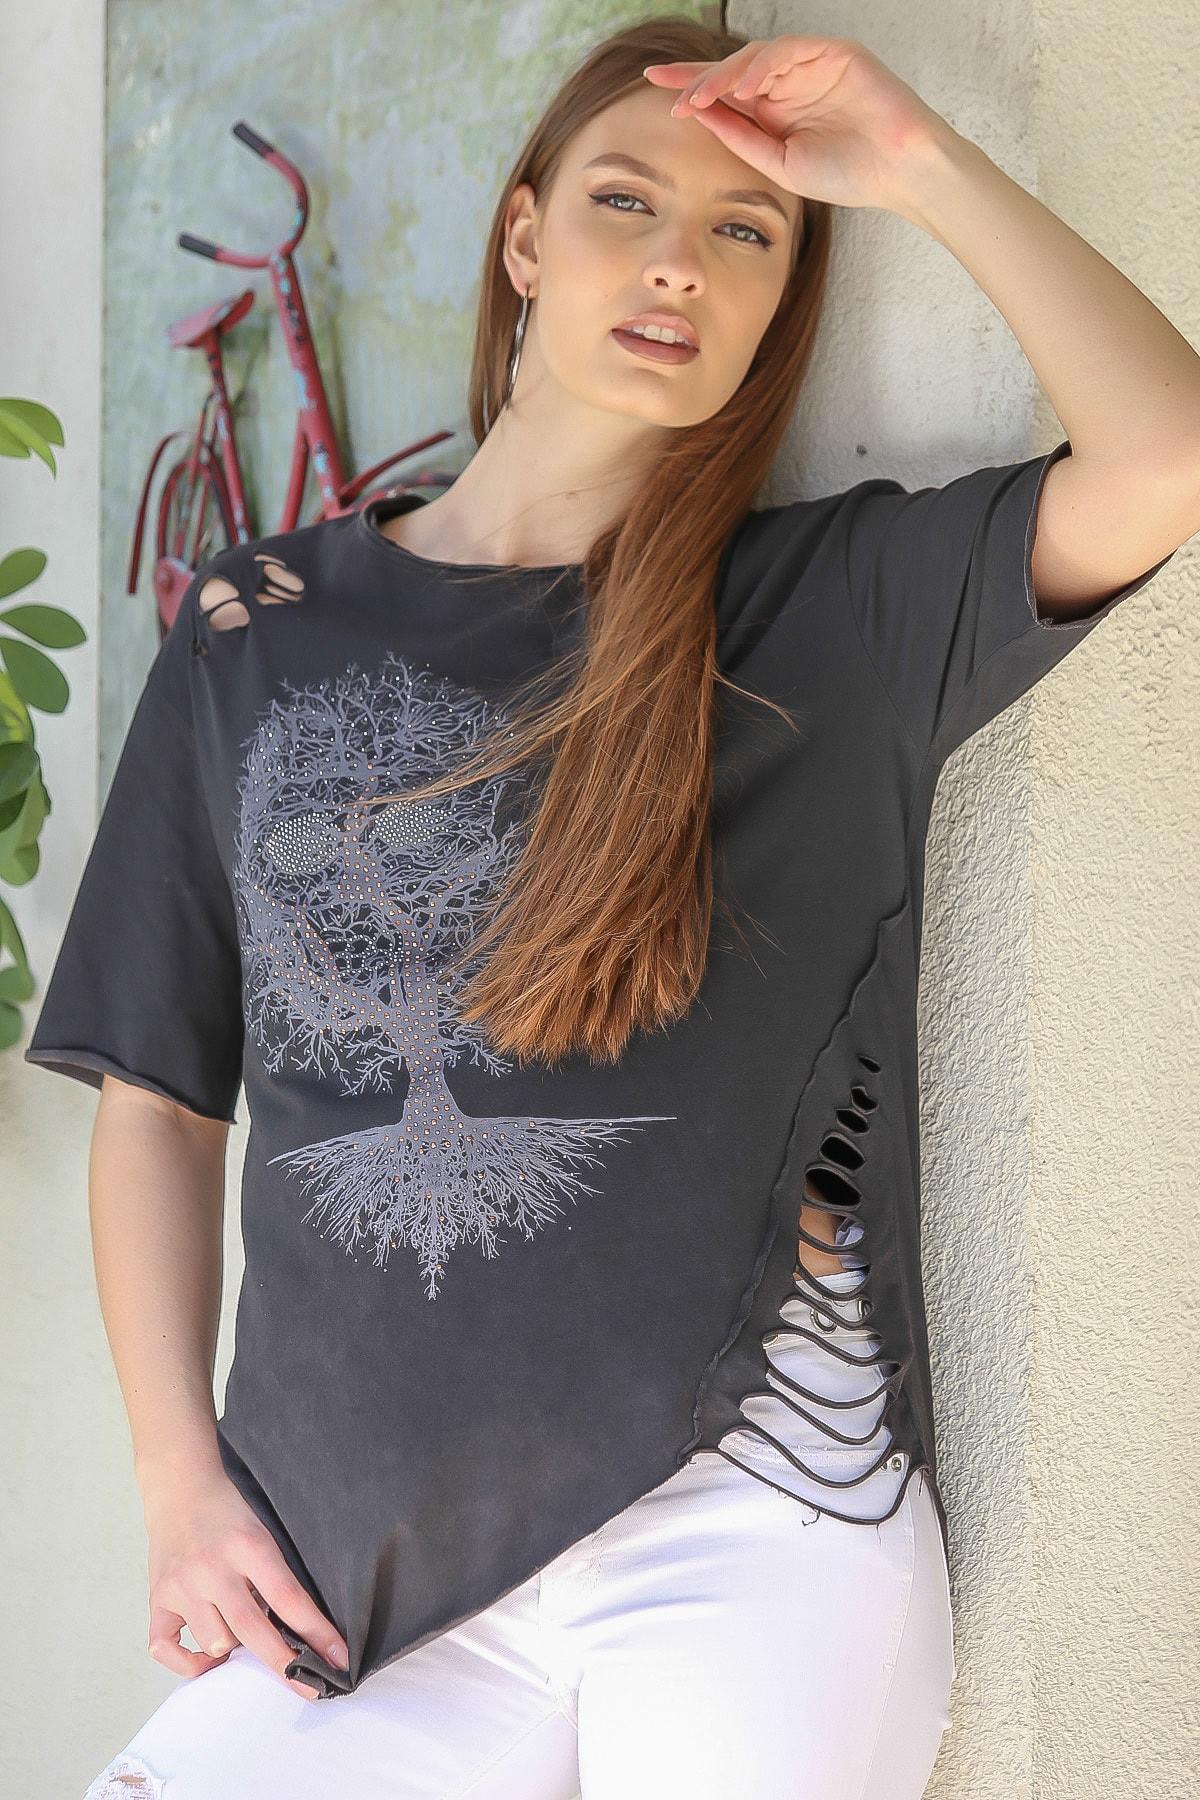 Chiccy Kadın Siyah Sıfır Yaka Dev Ağaç Baskı Yanı Lazer Kesim Asimetrik Yıkamalı T-Shirt M10010300TS98234